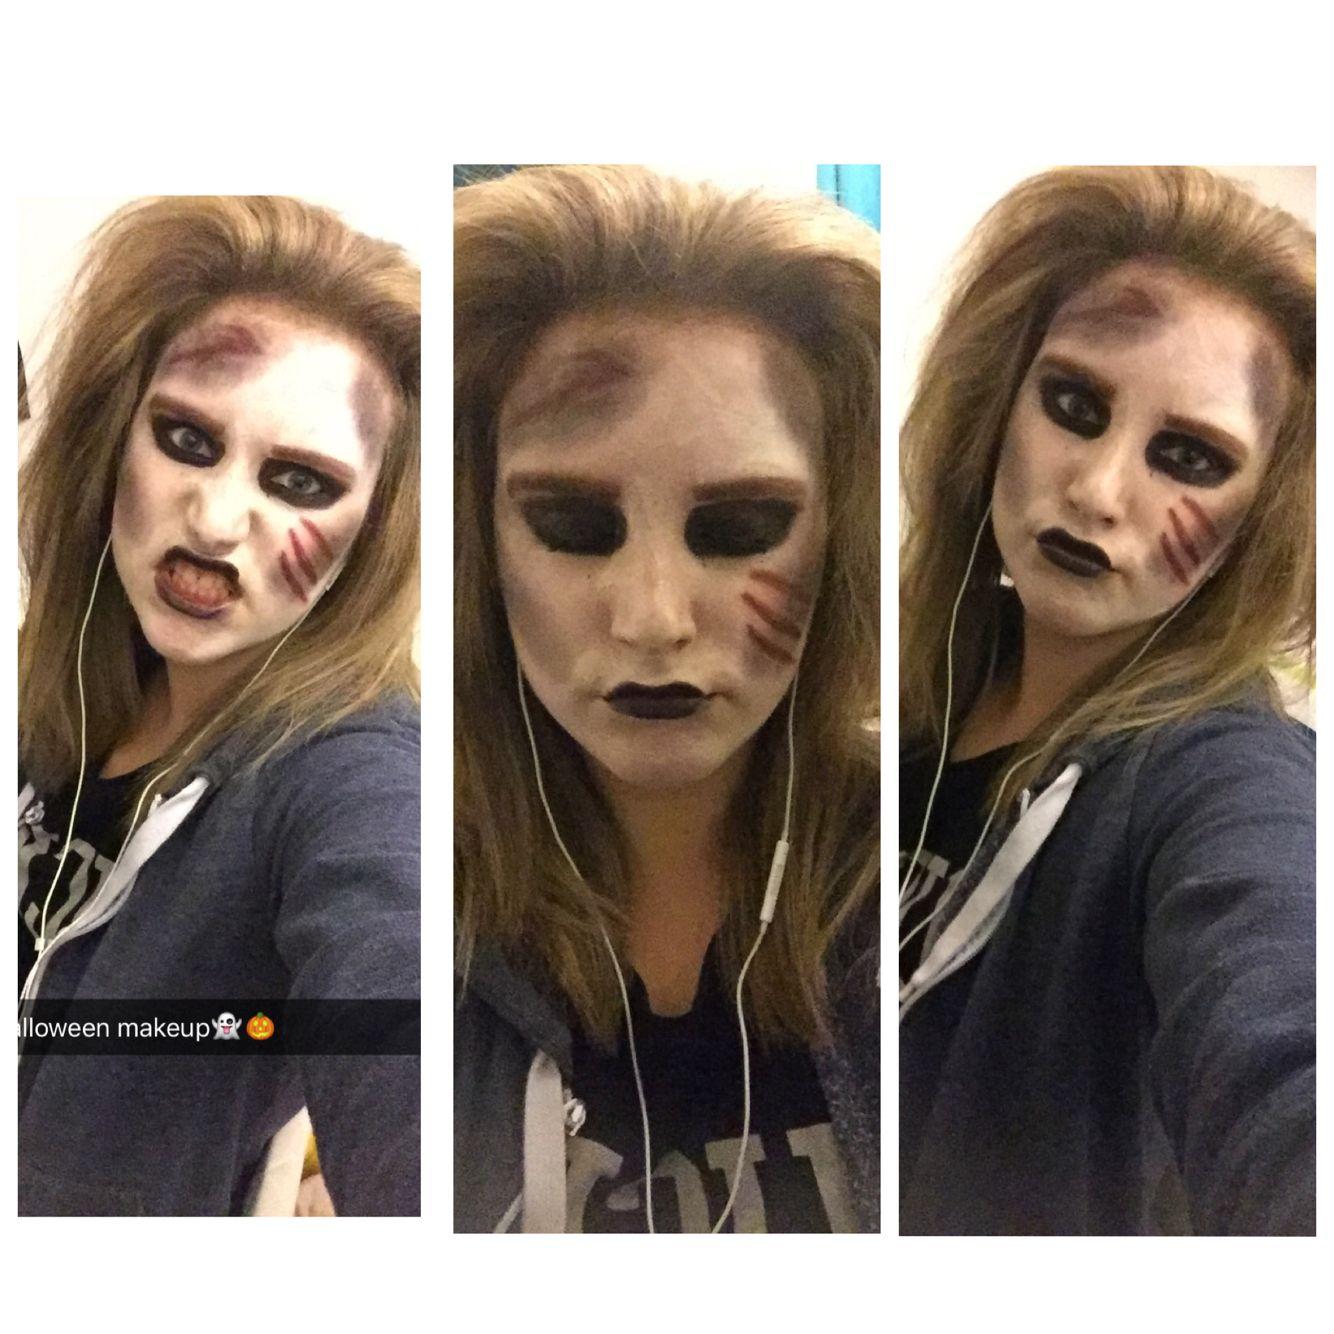 practising my Halloween makeup \